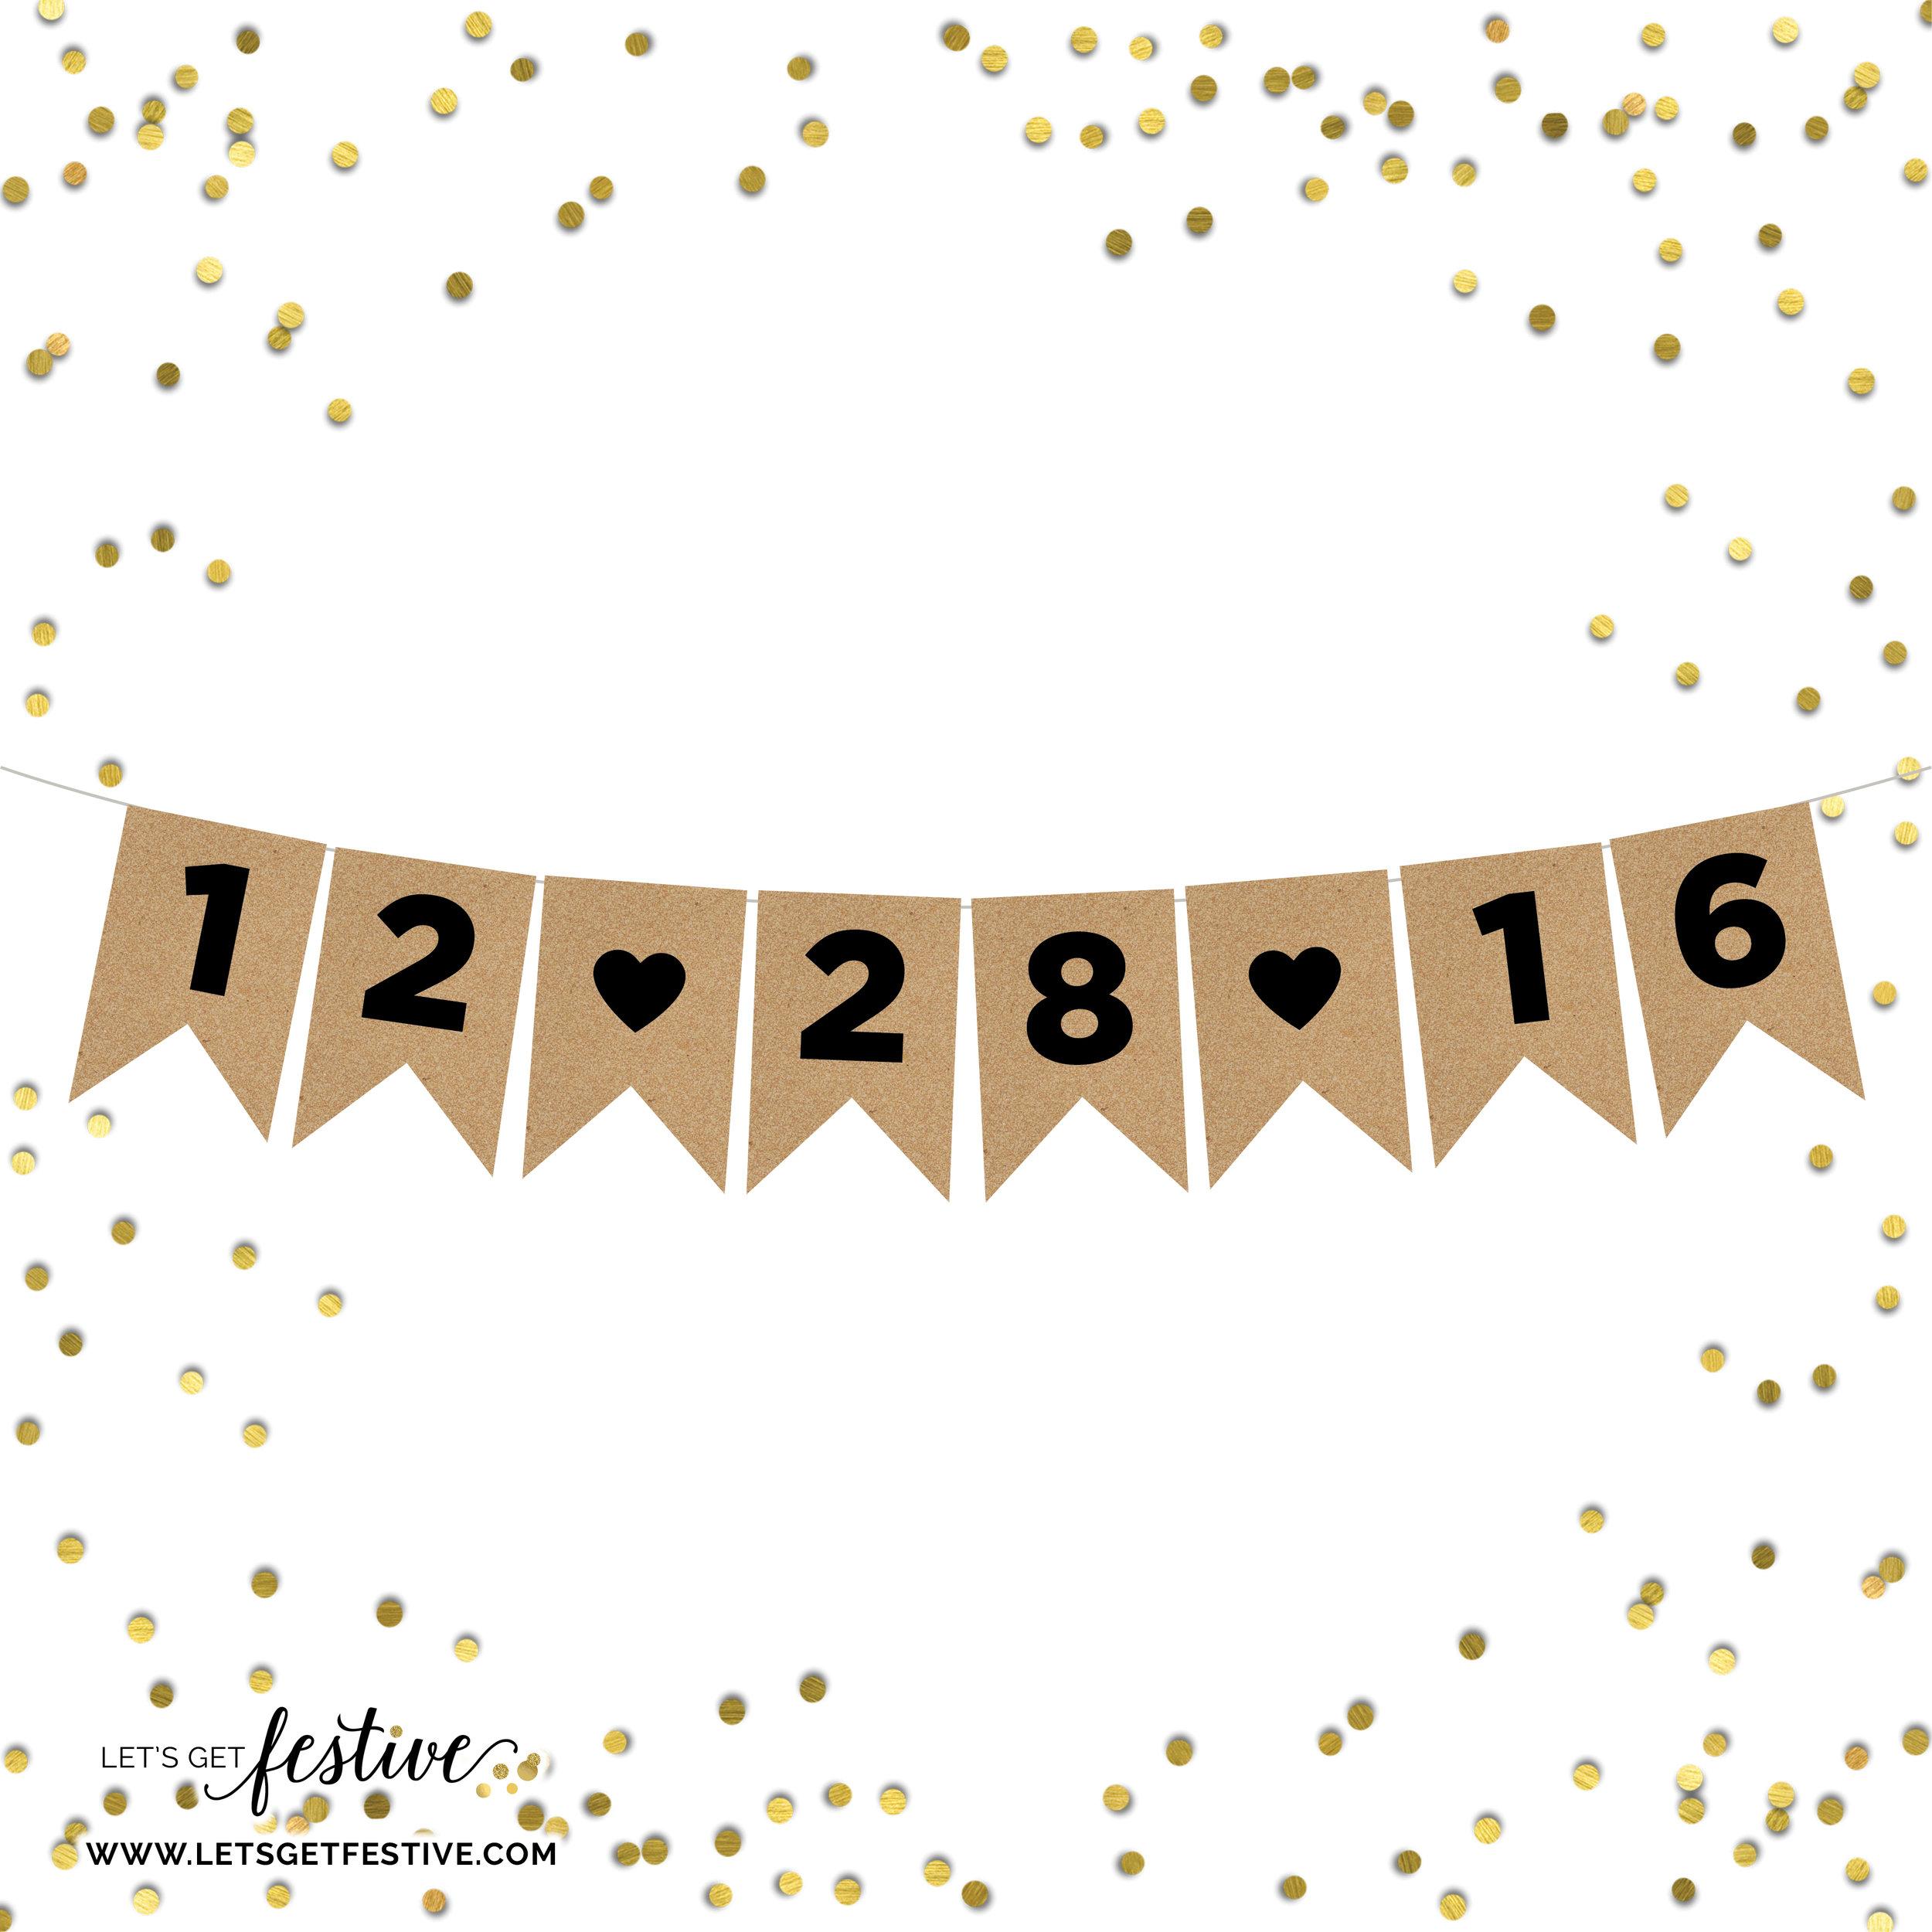 LetsGetFestive_Custom Date Banner 1.jpg